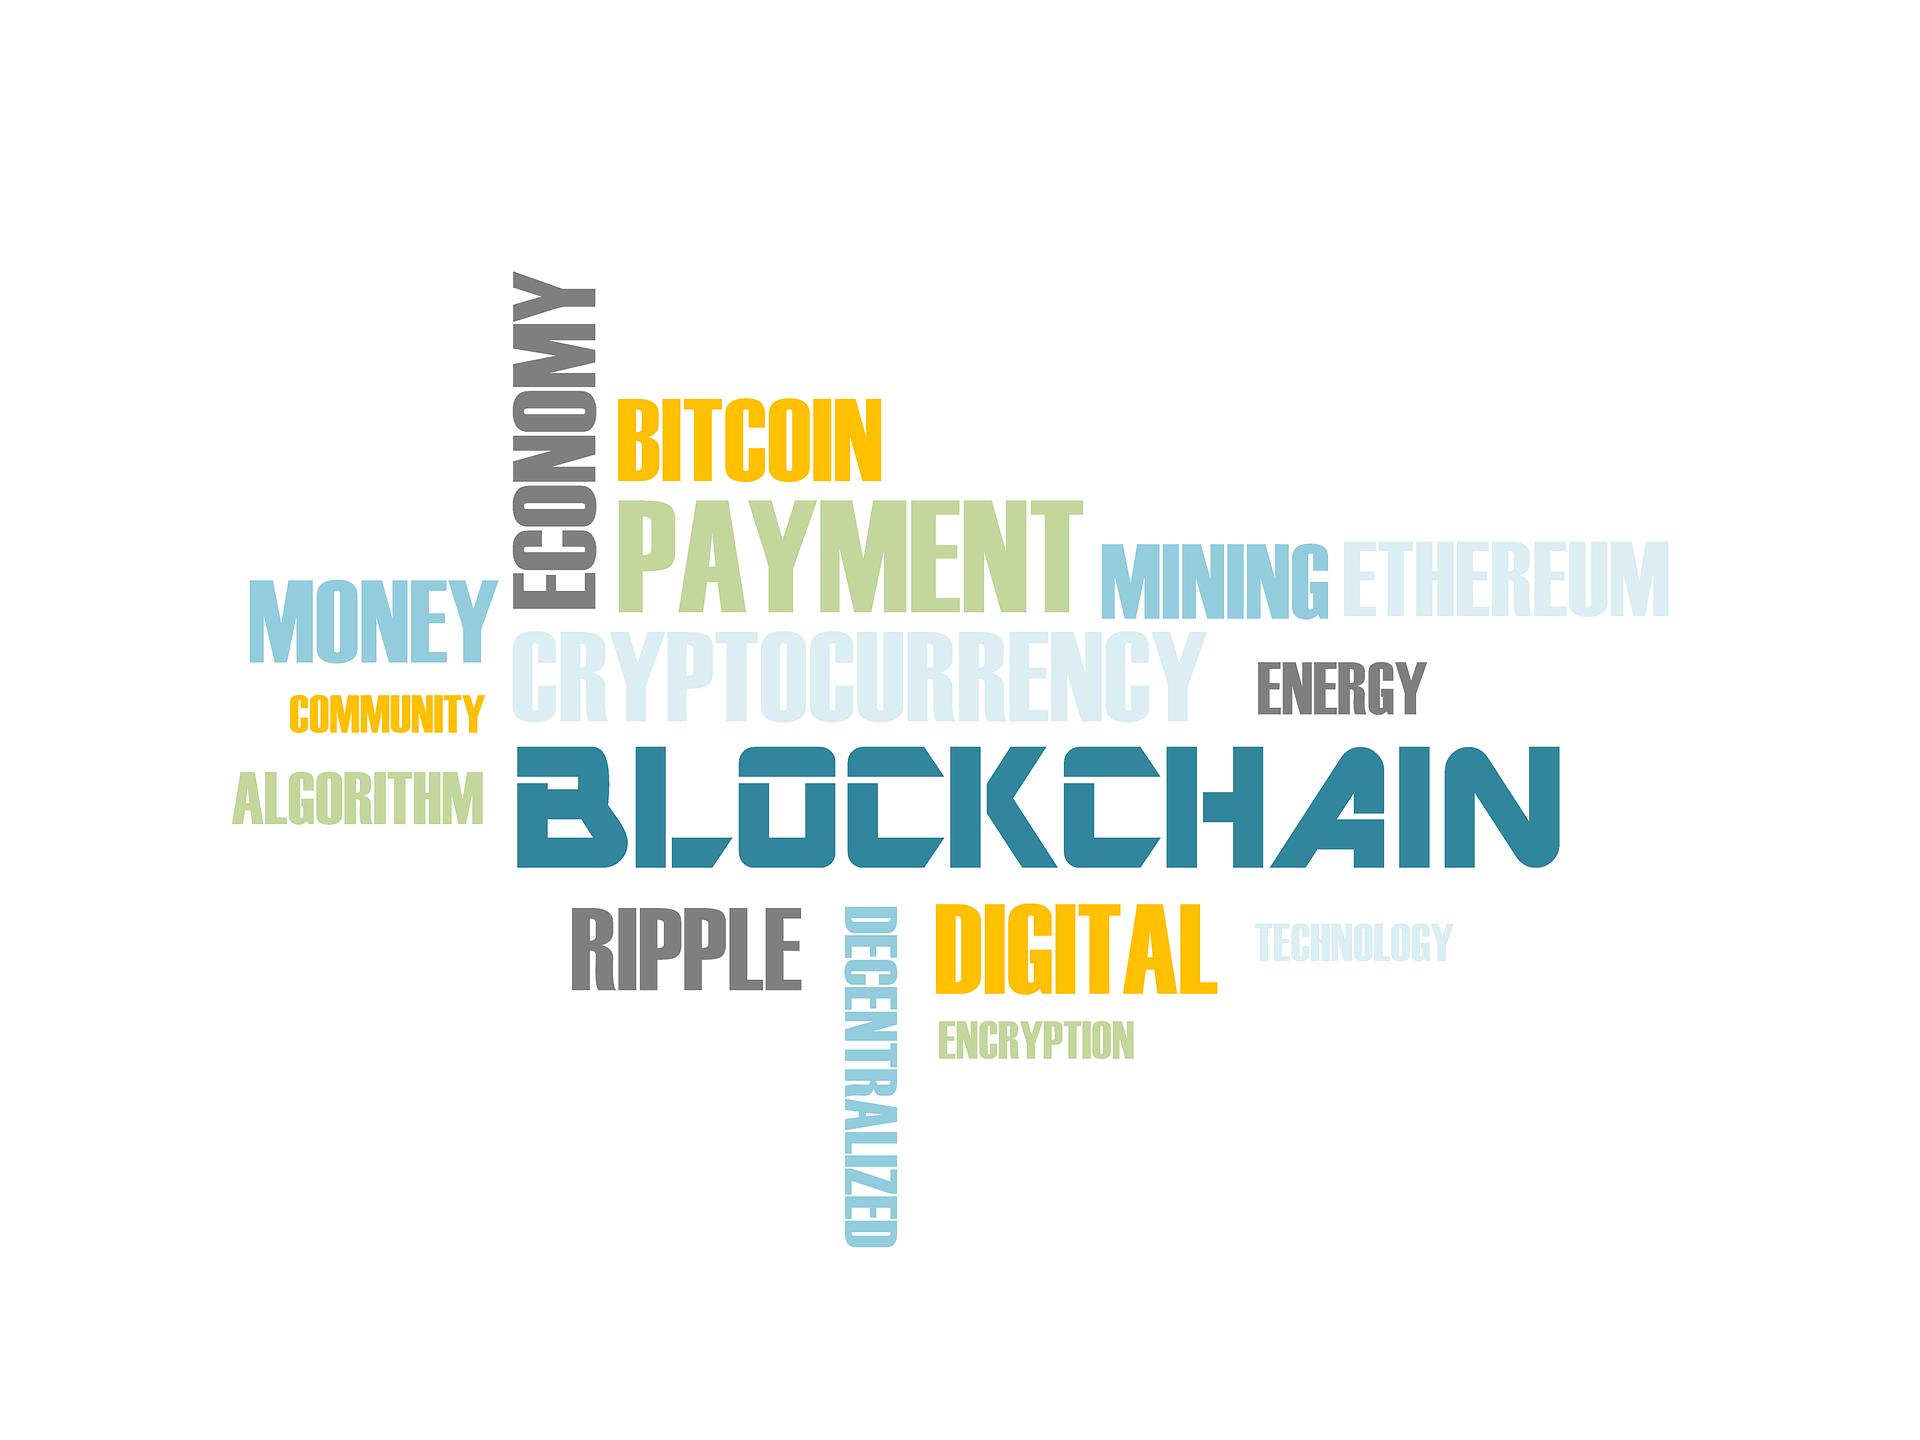 perbedaan bitcoin dan blockchain